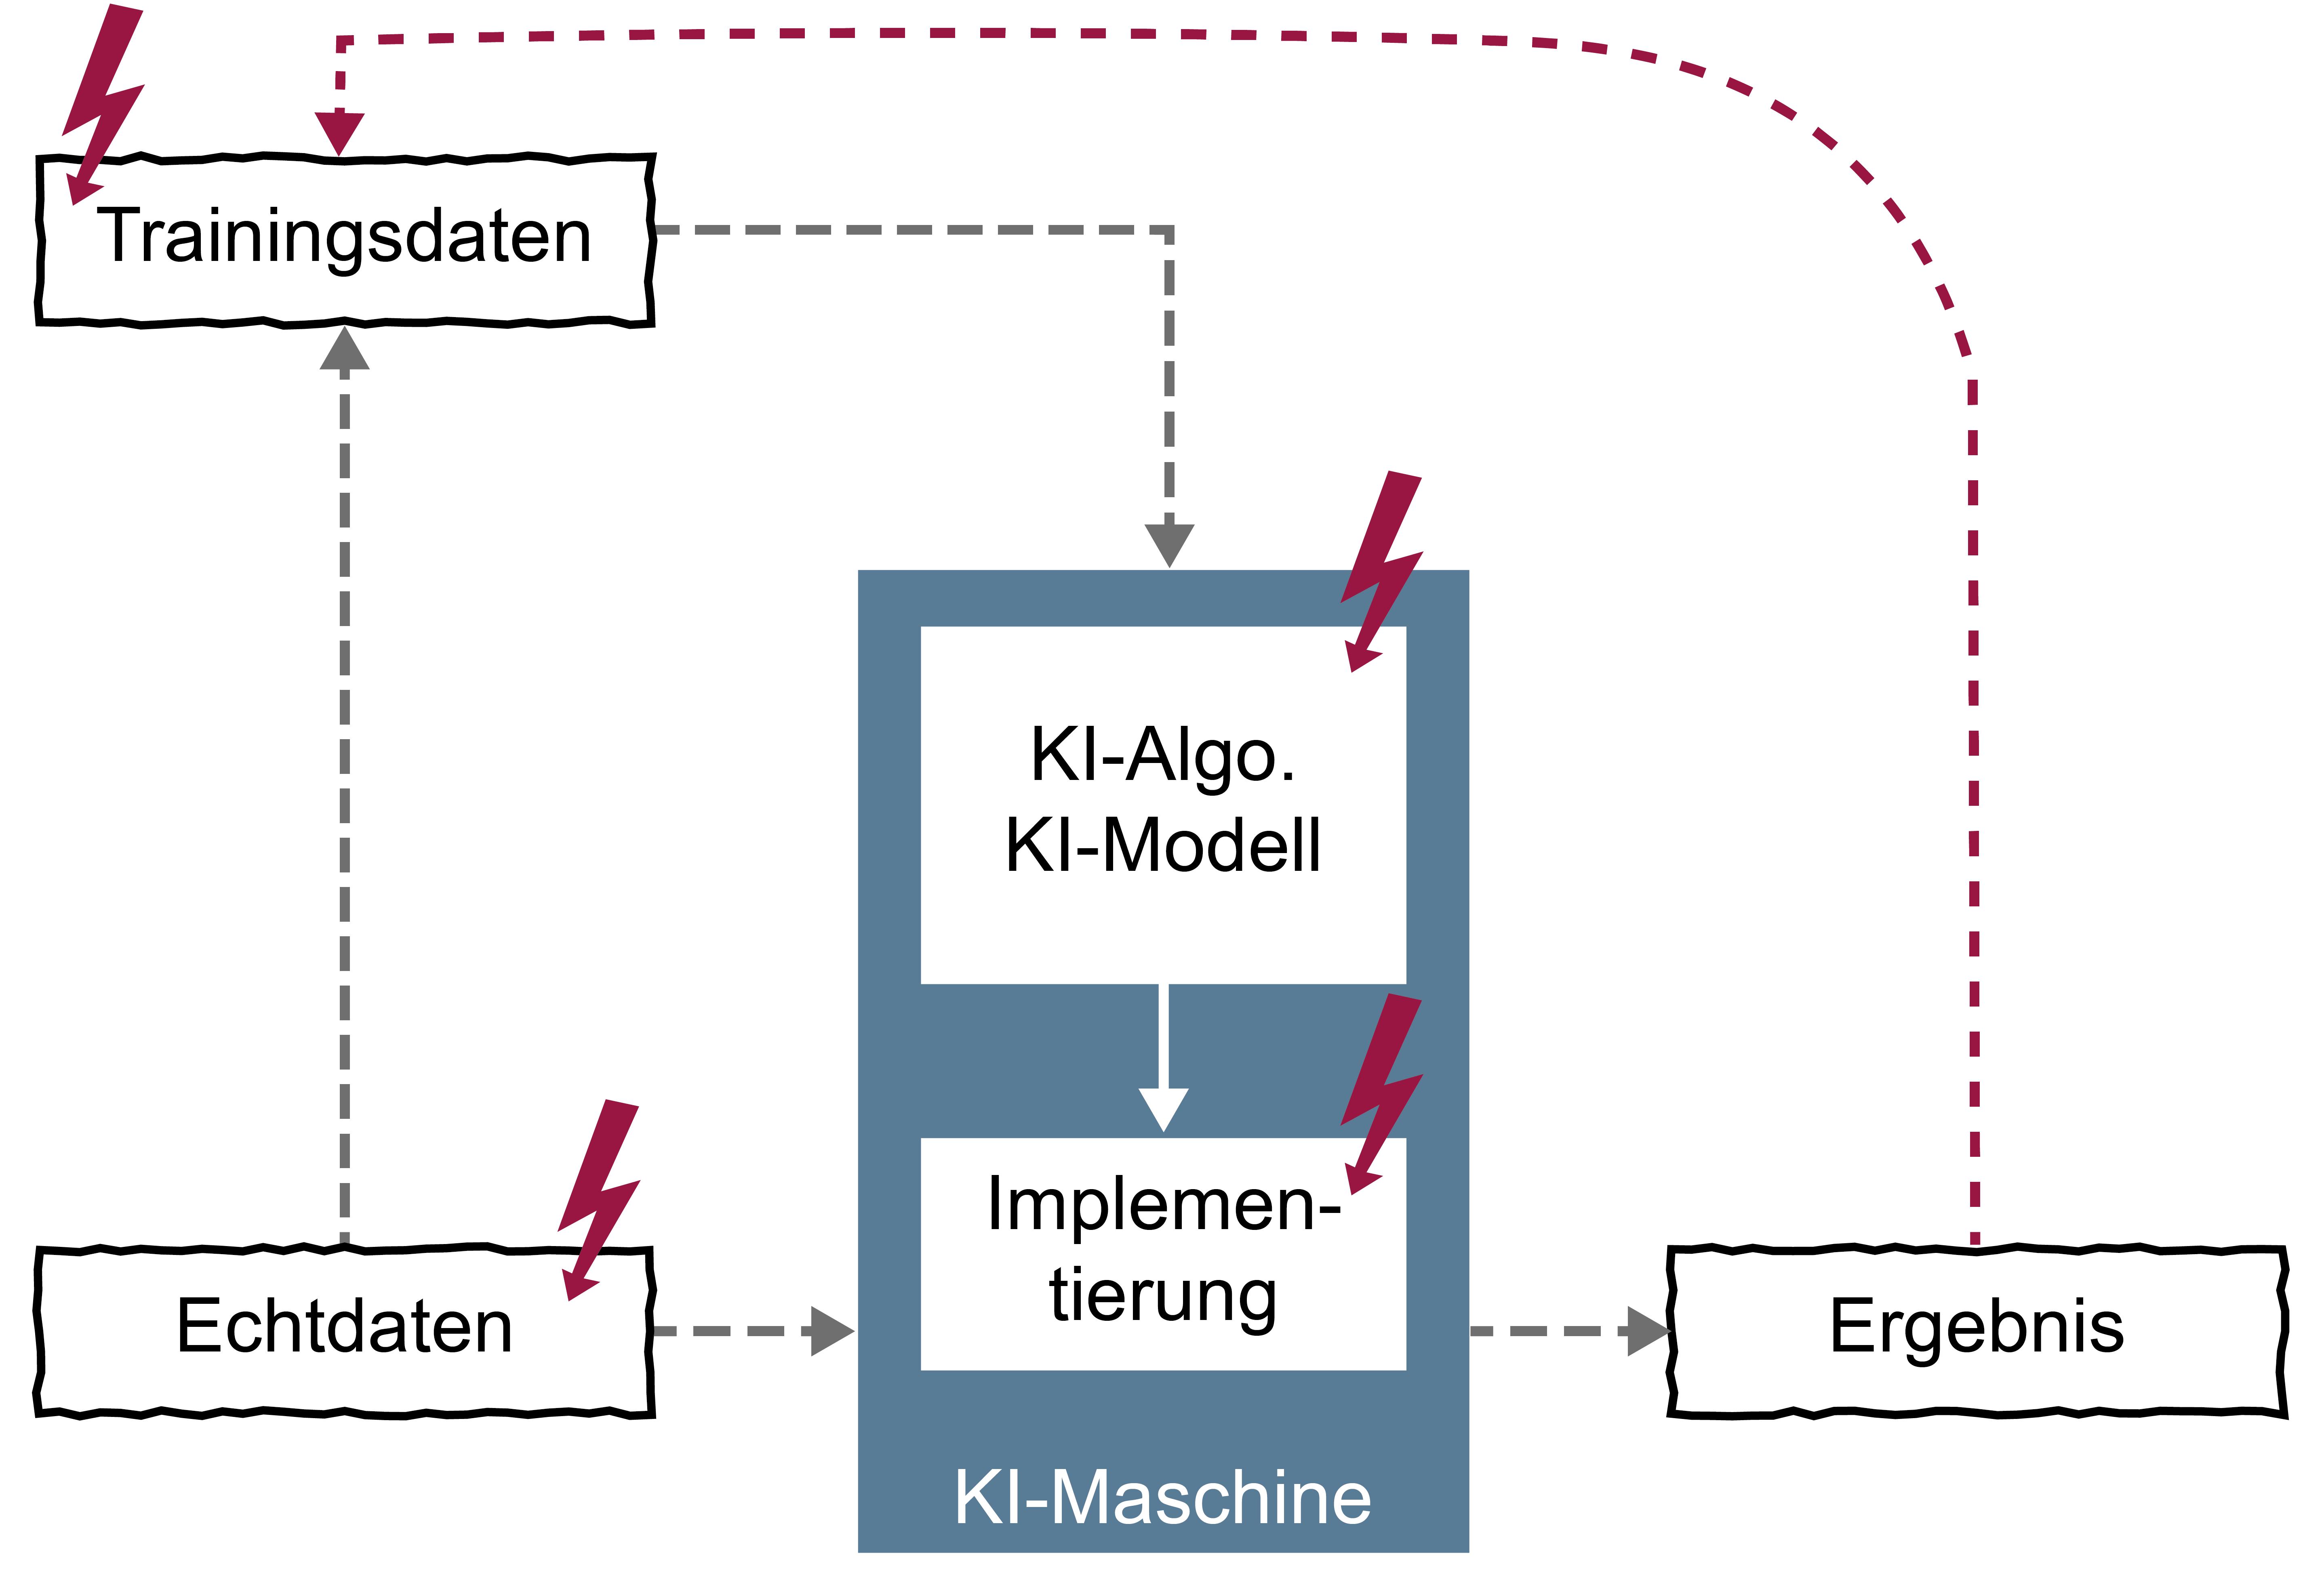 Maschinelles Lernen - Manipulationen von Künstlicher Intelligenz - Glossar- Cyber-Sicherheit - Prof. Norbert Pohlmann